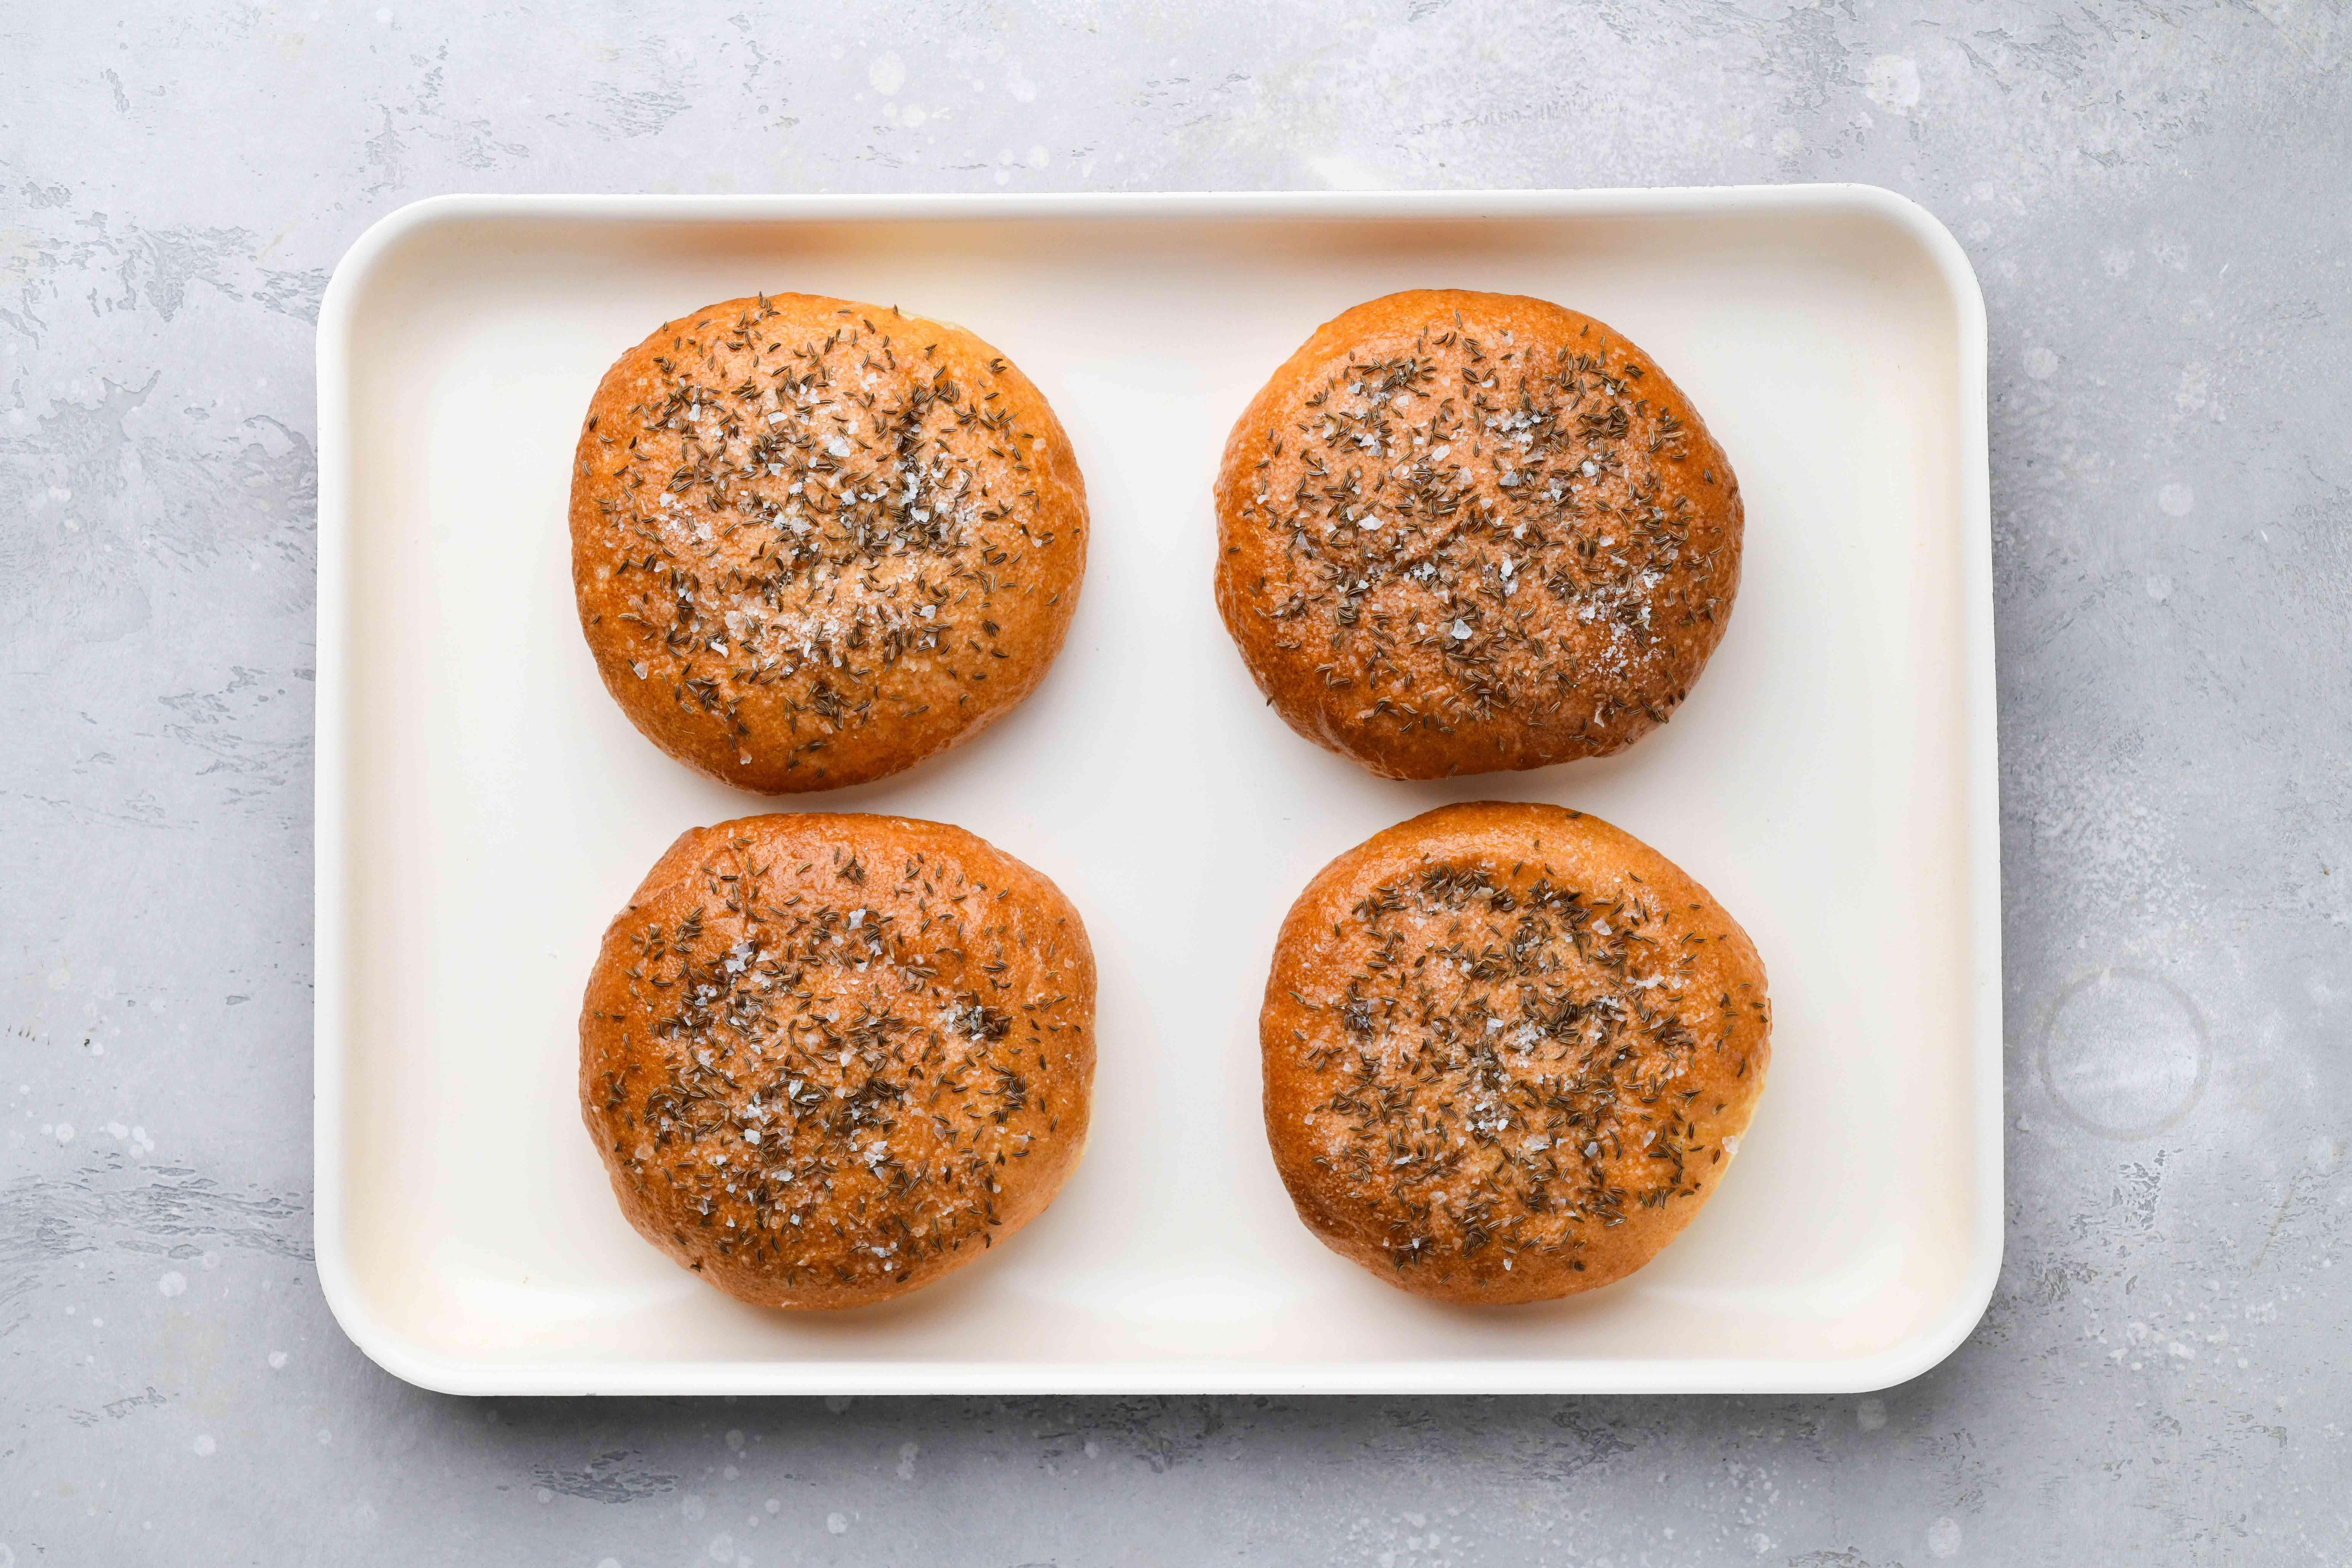 seasoned rolls on a baking sheet